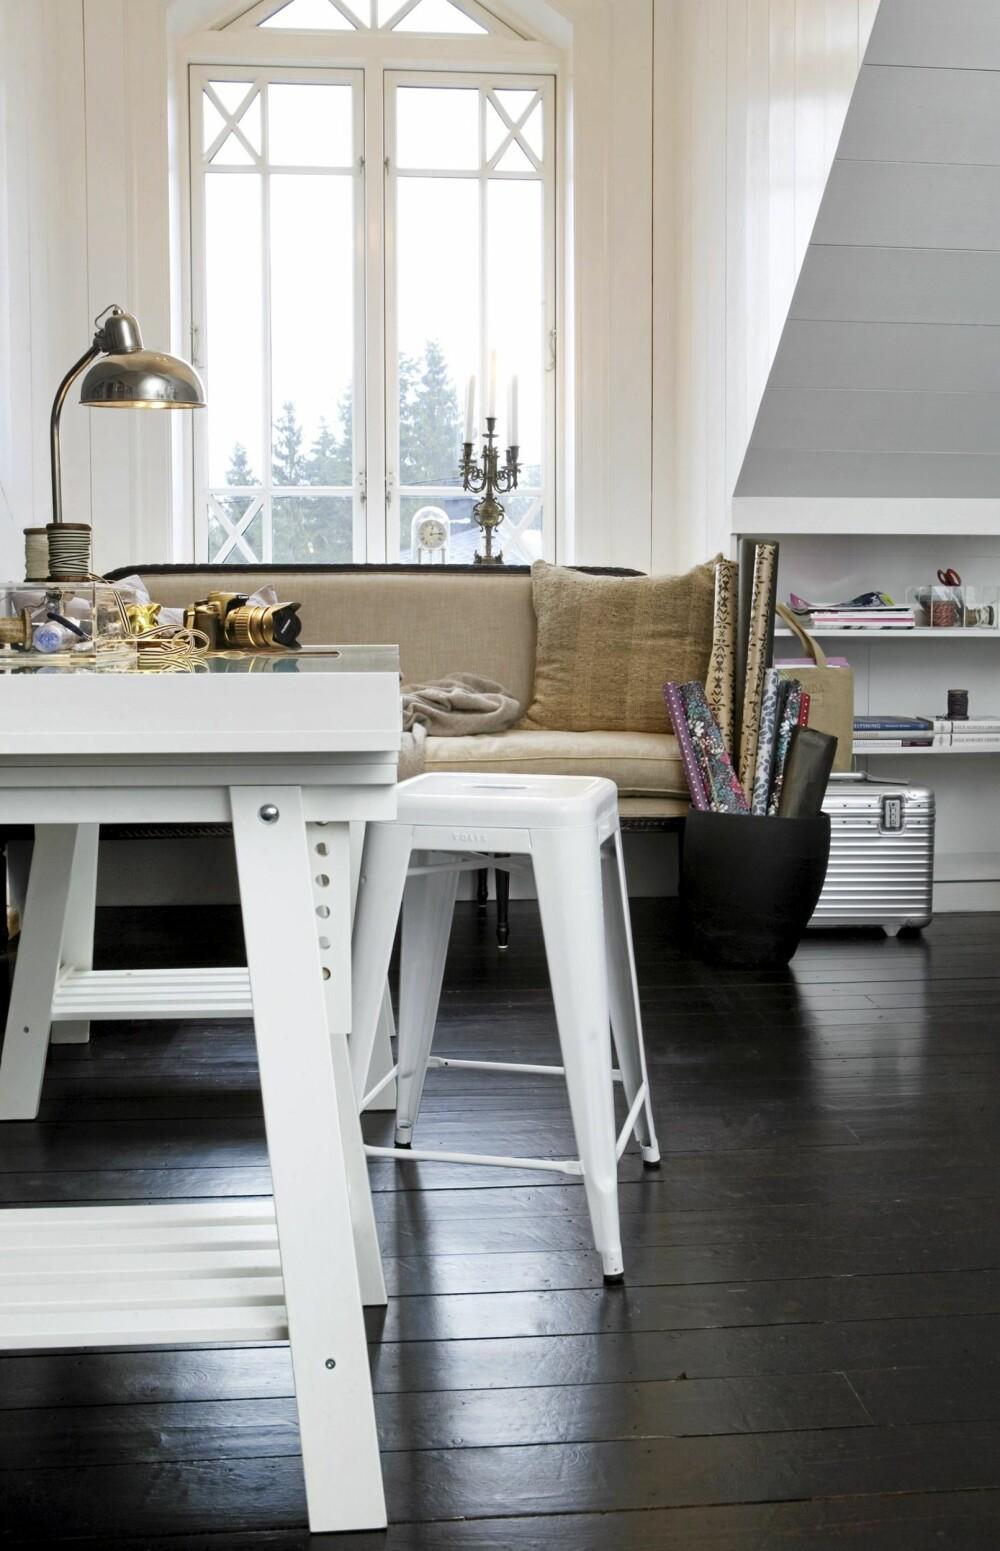 ARBEIDSDEL: I tilknytning til soverommet er det et hobby og arbeidsrom. Sofa fra Epok Interiør, bord fra Ikea og Tolix-stol fra Kvist. Plankegulvet er beiser med fire lag matt lakk.